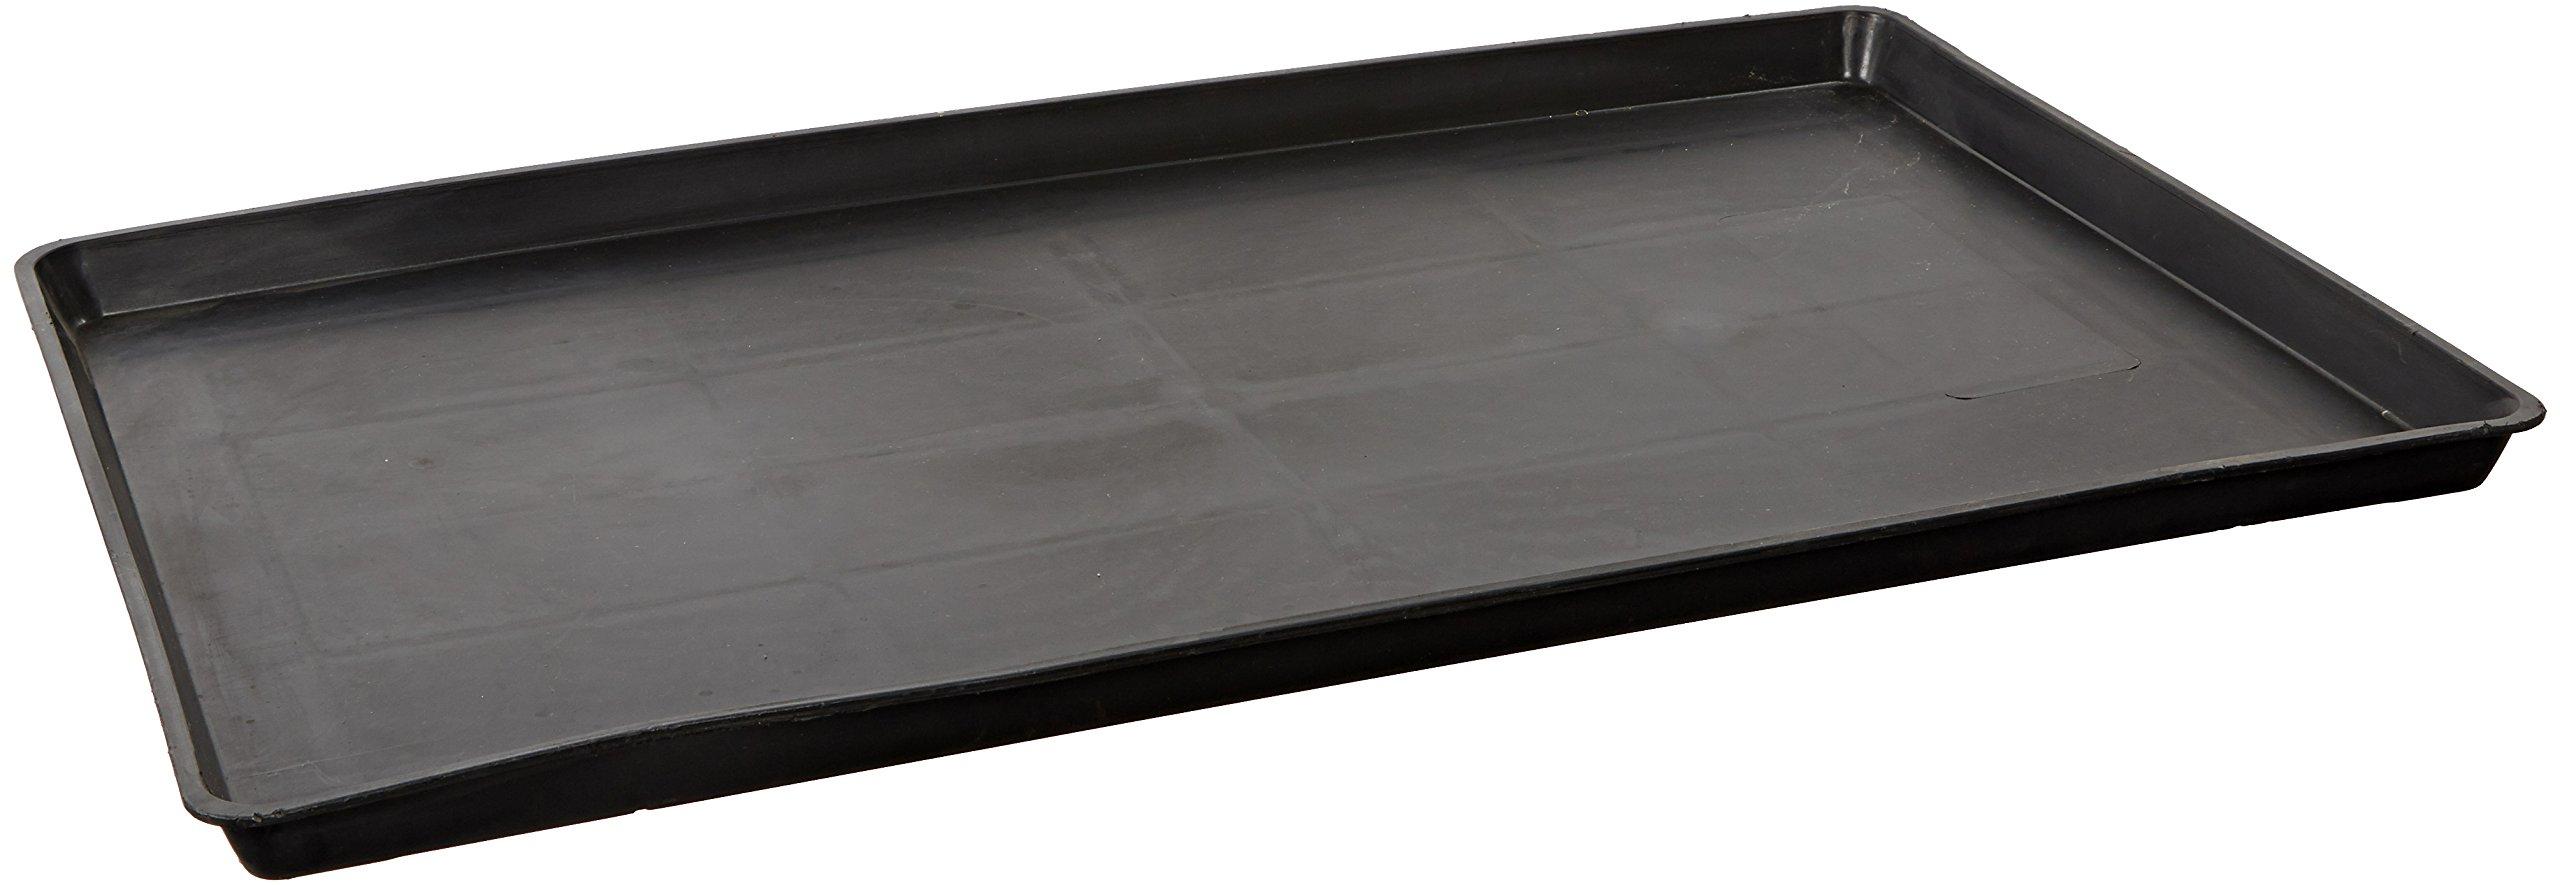 Pet Tek DPK86103 Dream Crate Professional Series 300 Replacement Dog Crate Pan, Black